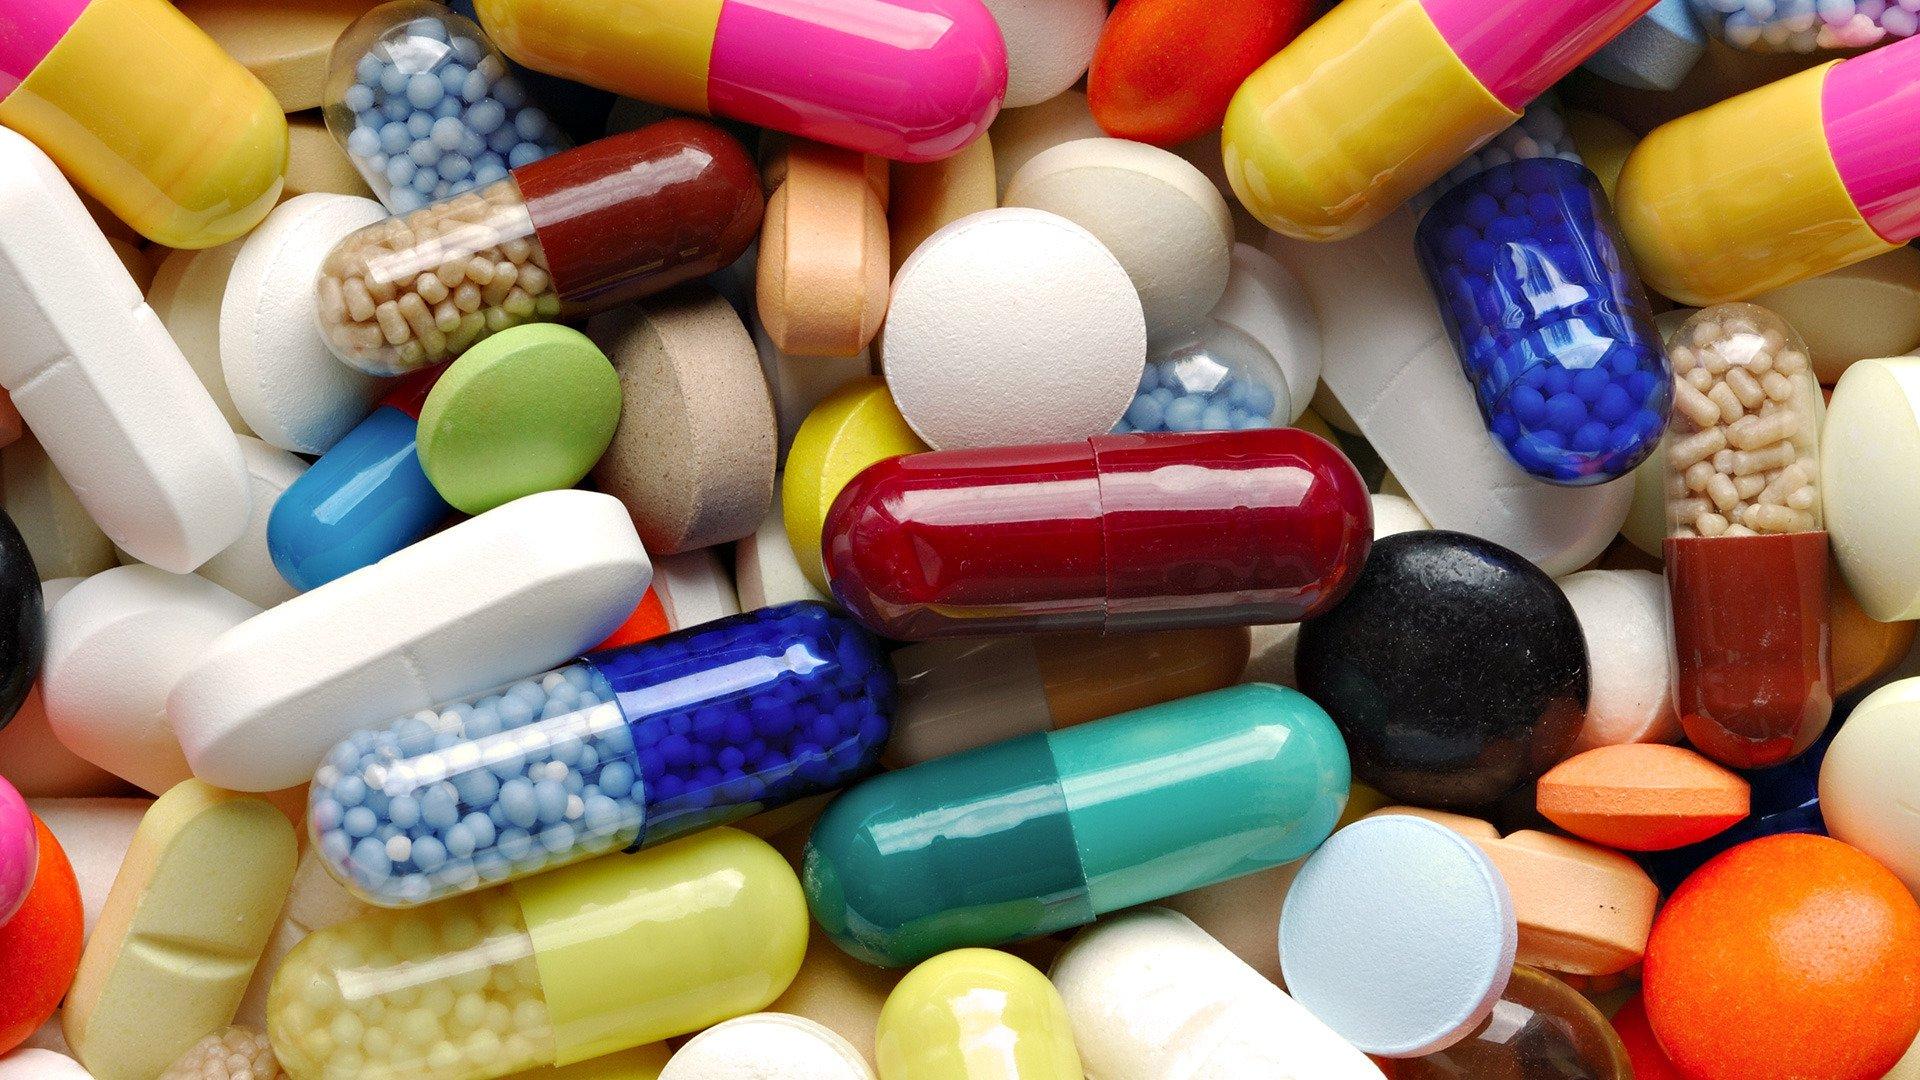 ७ दवाए जिन्होंने दुनिया बदल डाली